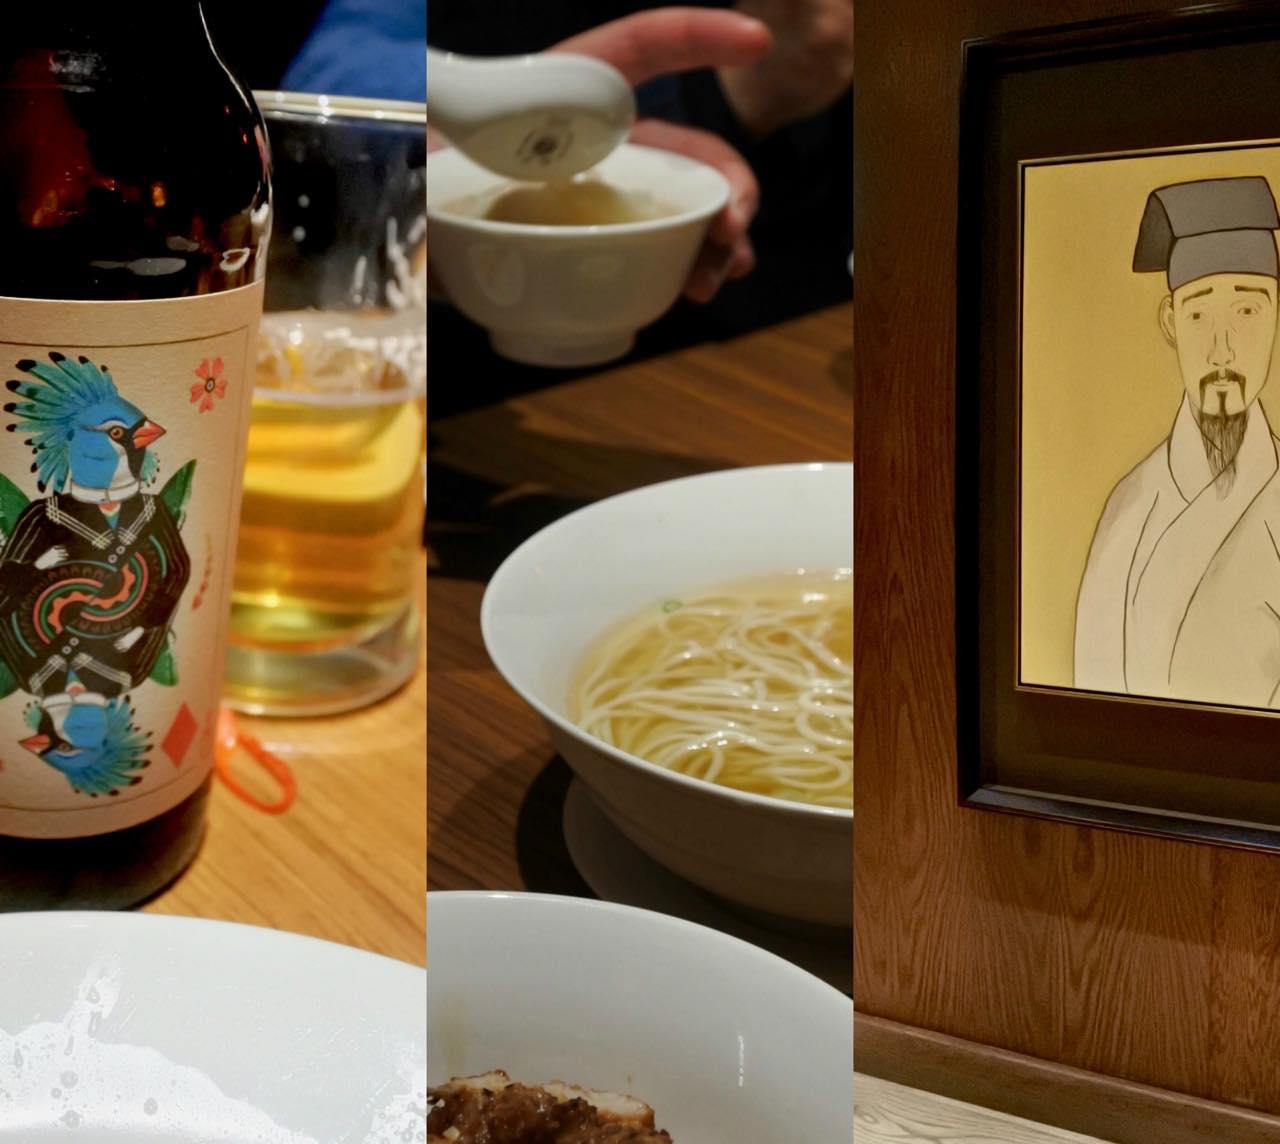 クラフト・ビールまでありんす